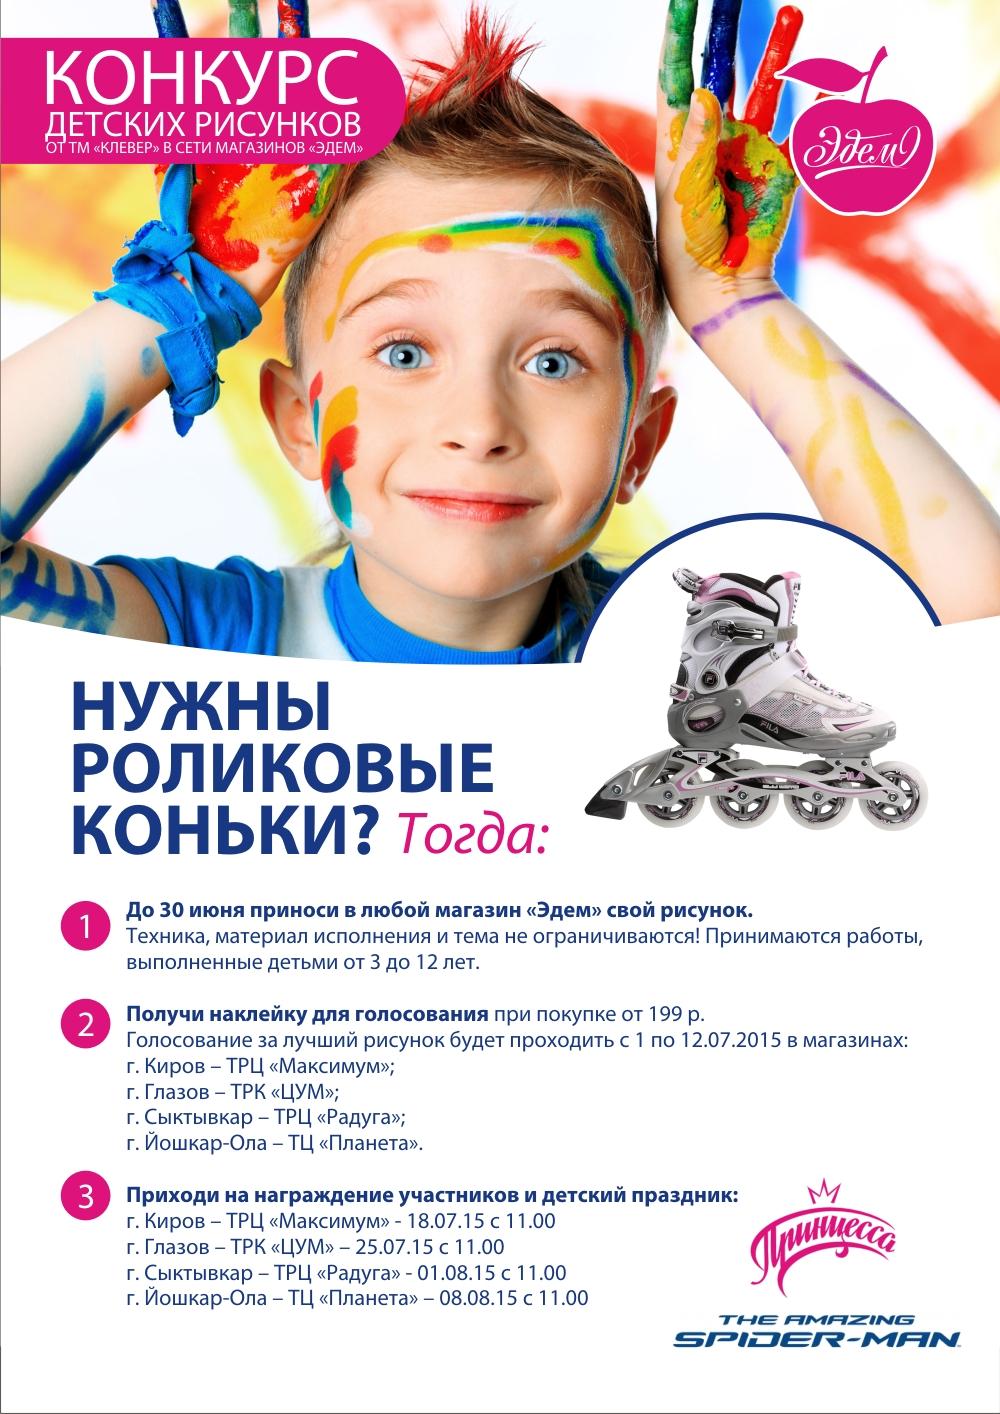 Информация о детских конкурсах